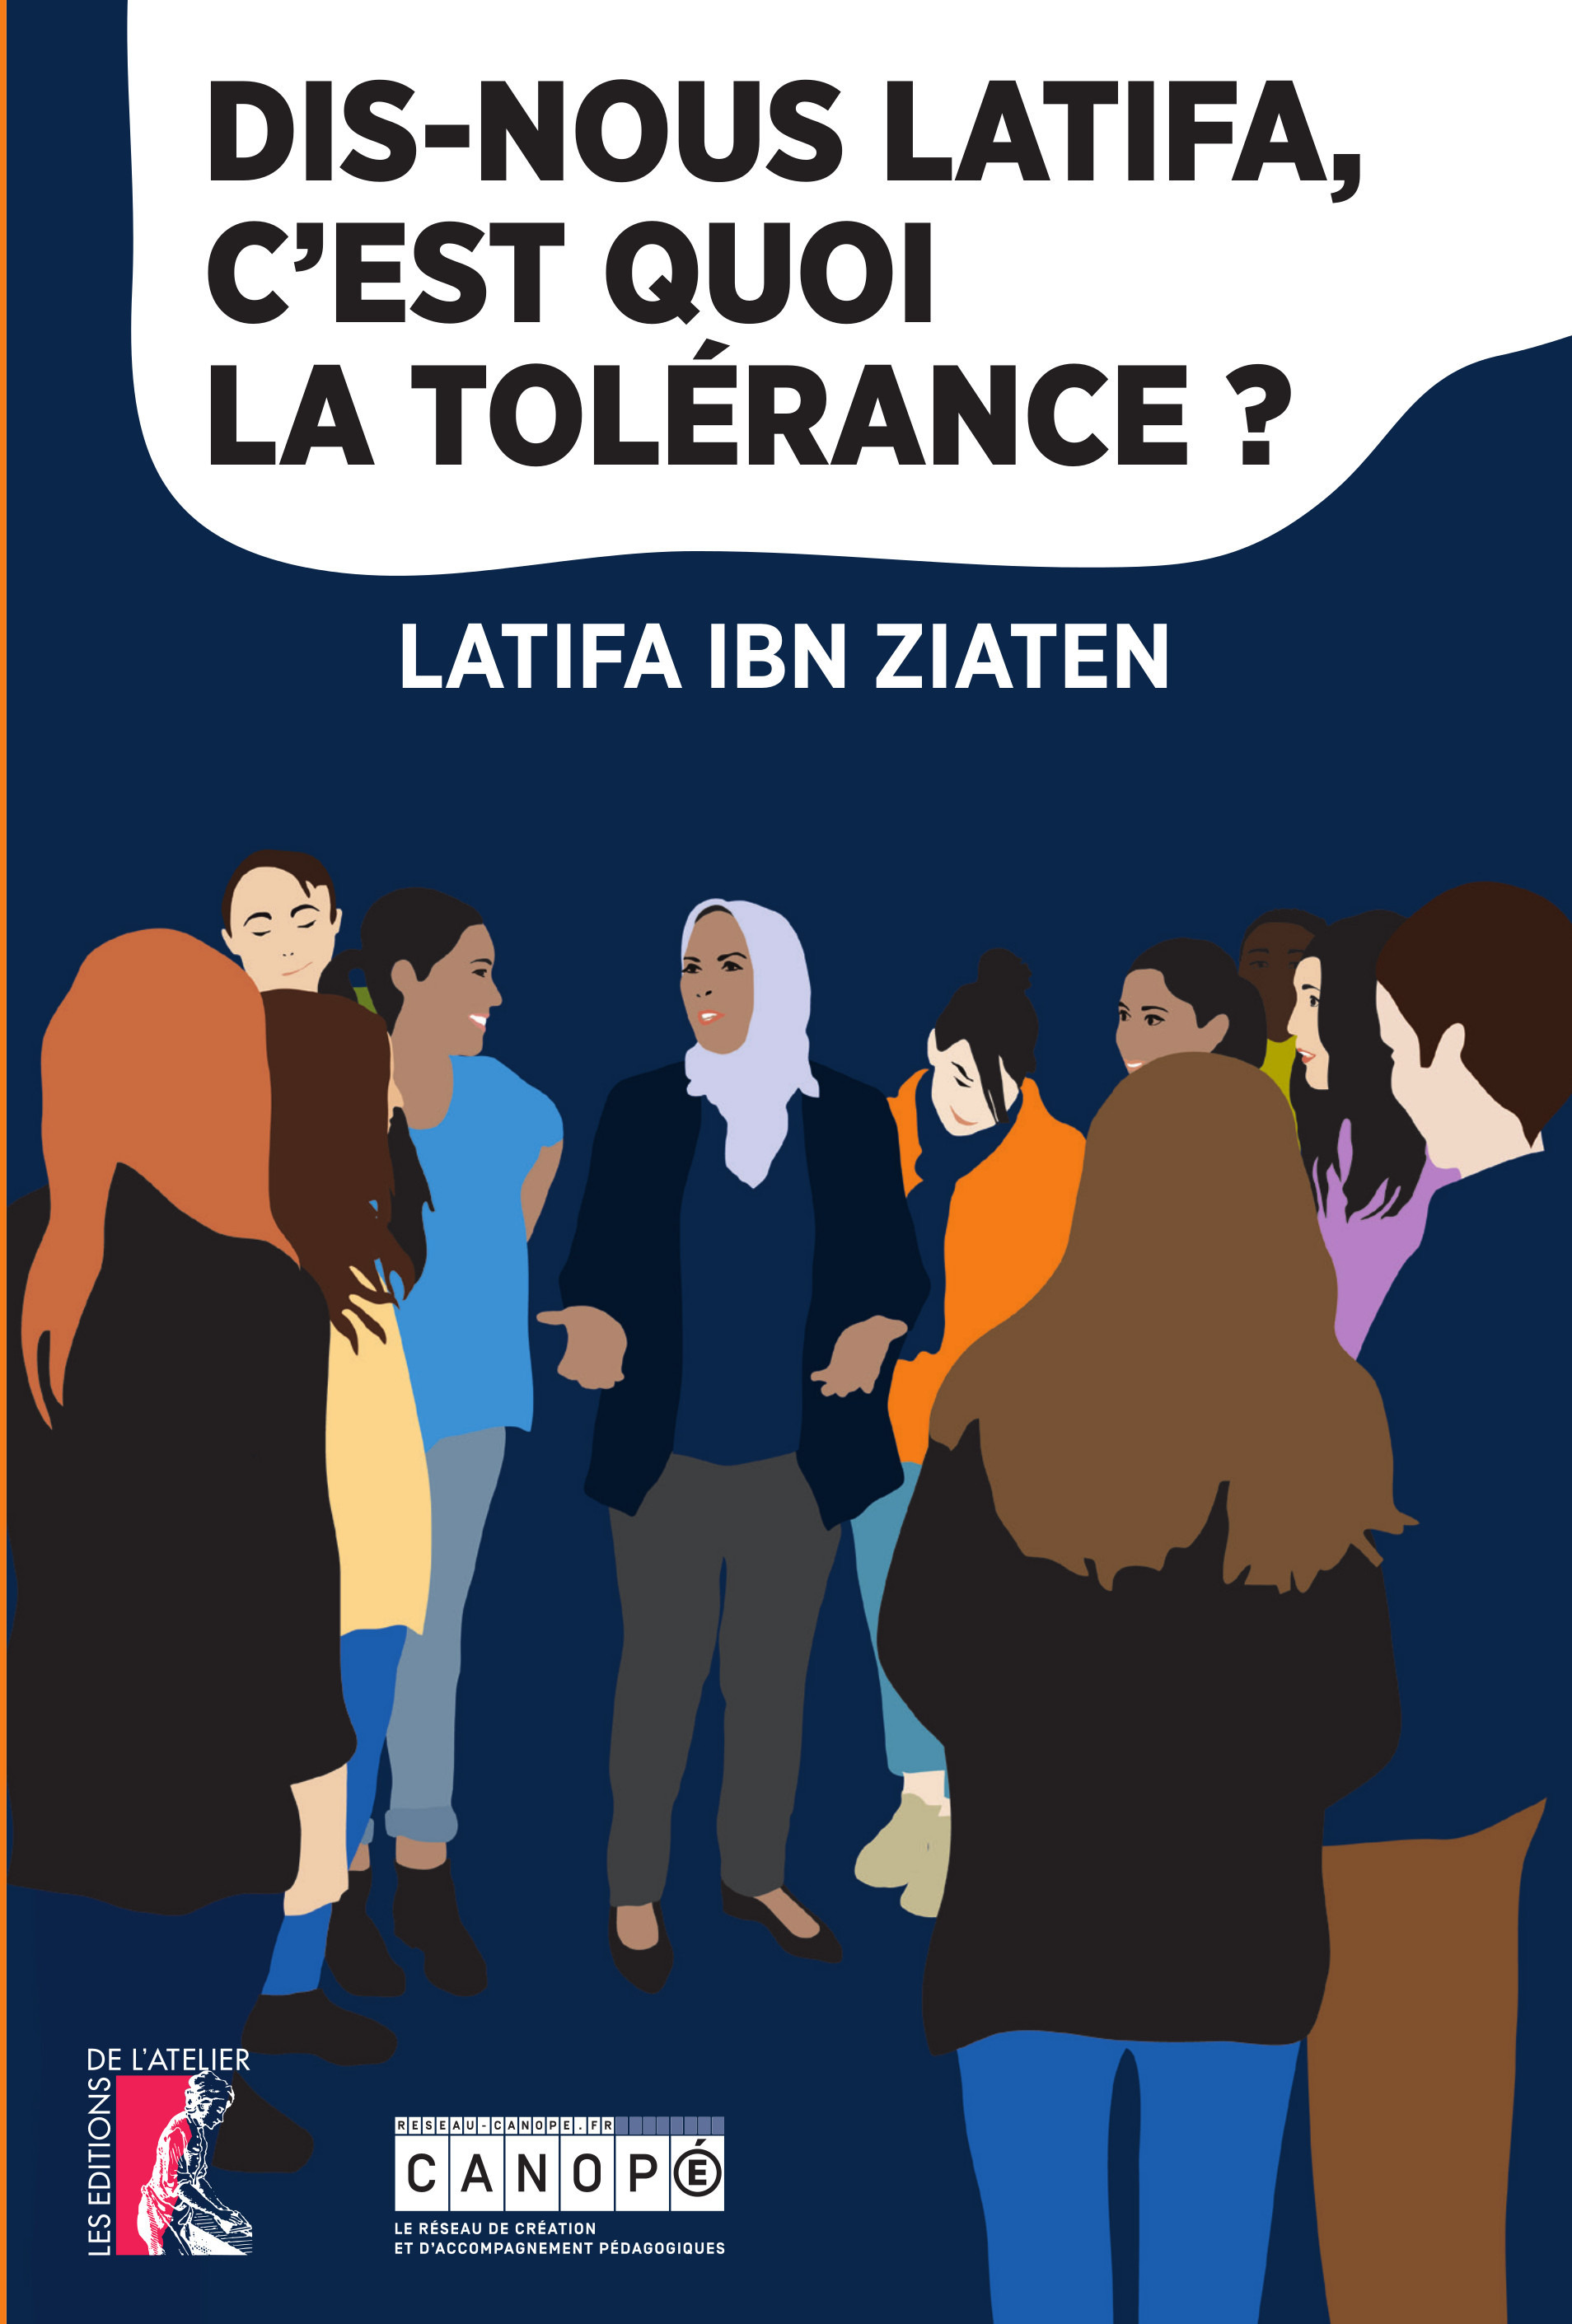 Dis-nous Latifa, c'est quoi la tolérance ?